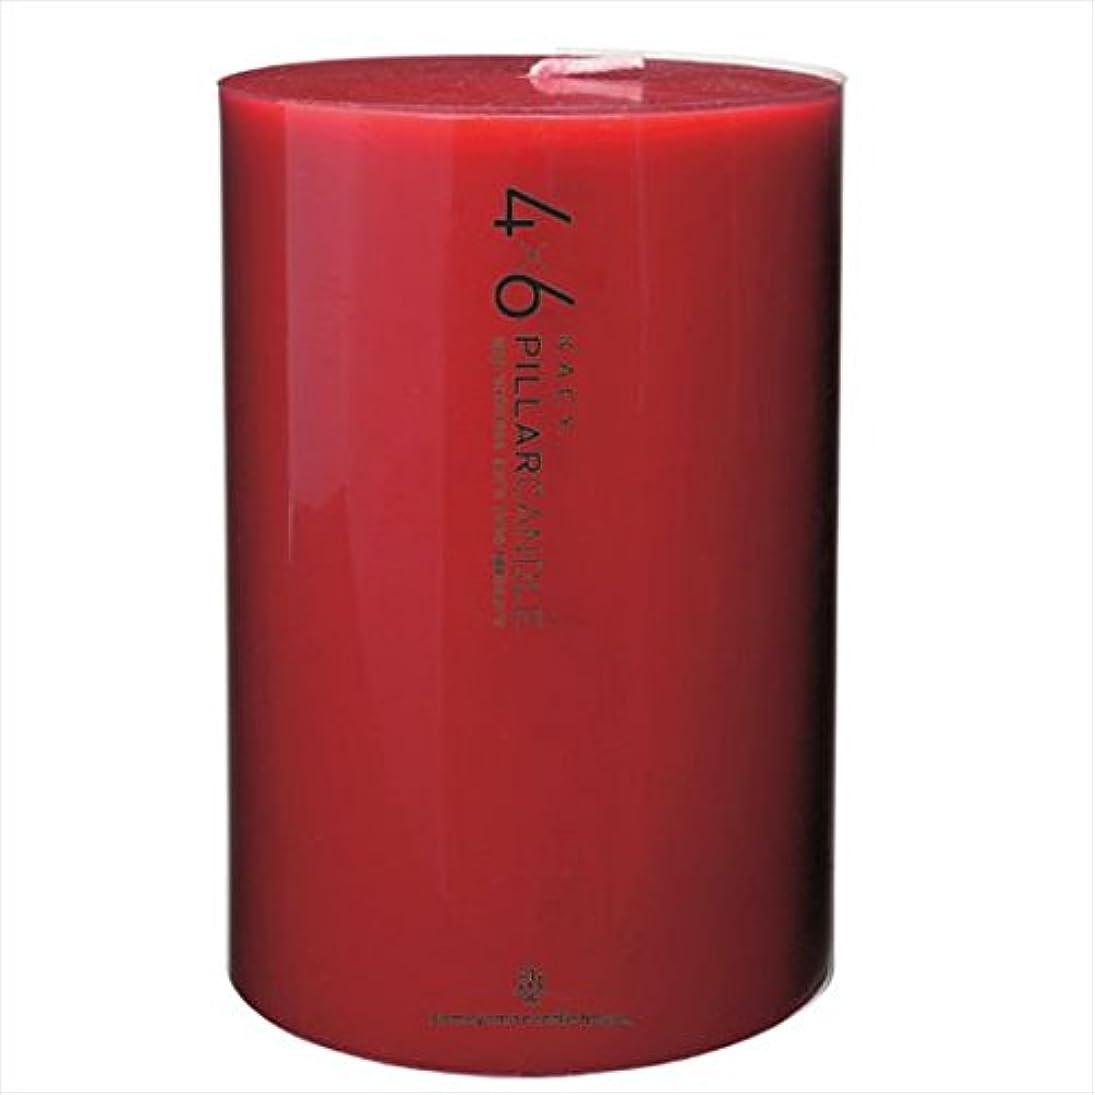 リダクター規制スピリチュアルカメヤマキャンドル(kameyama candle) 4×6ピラーキャンドル 「 レッド 」